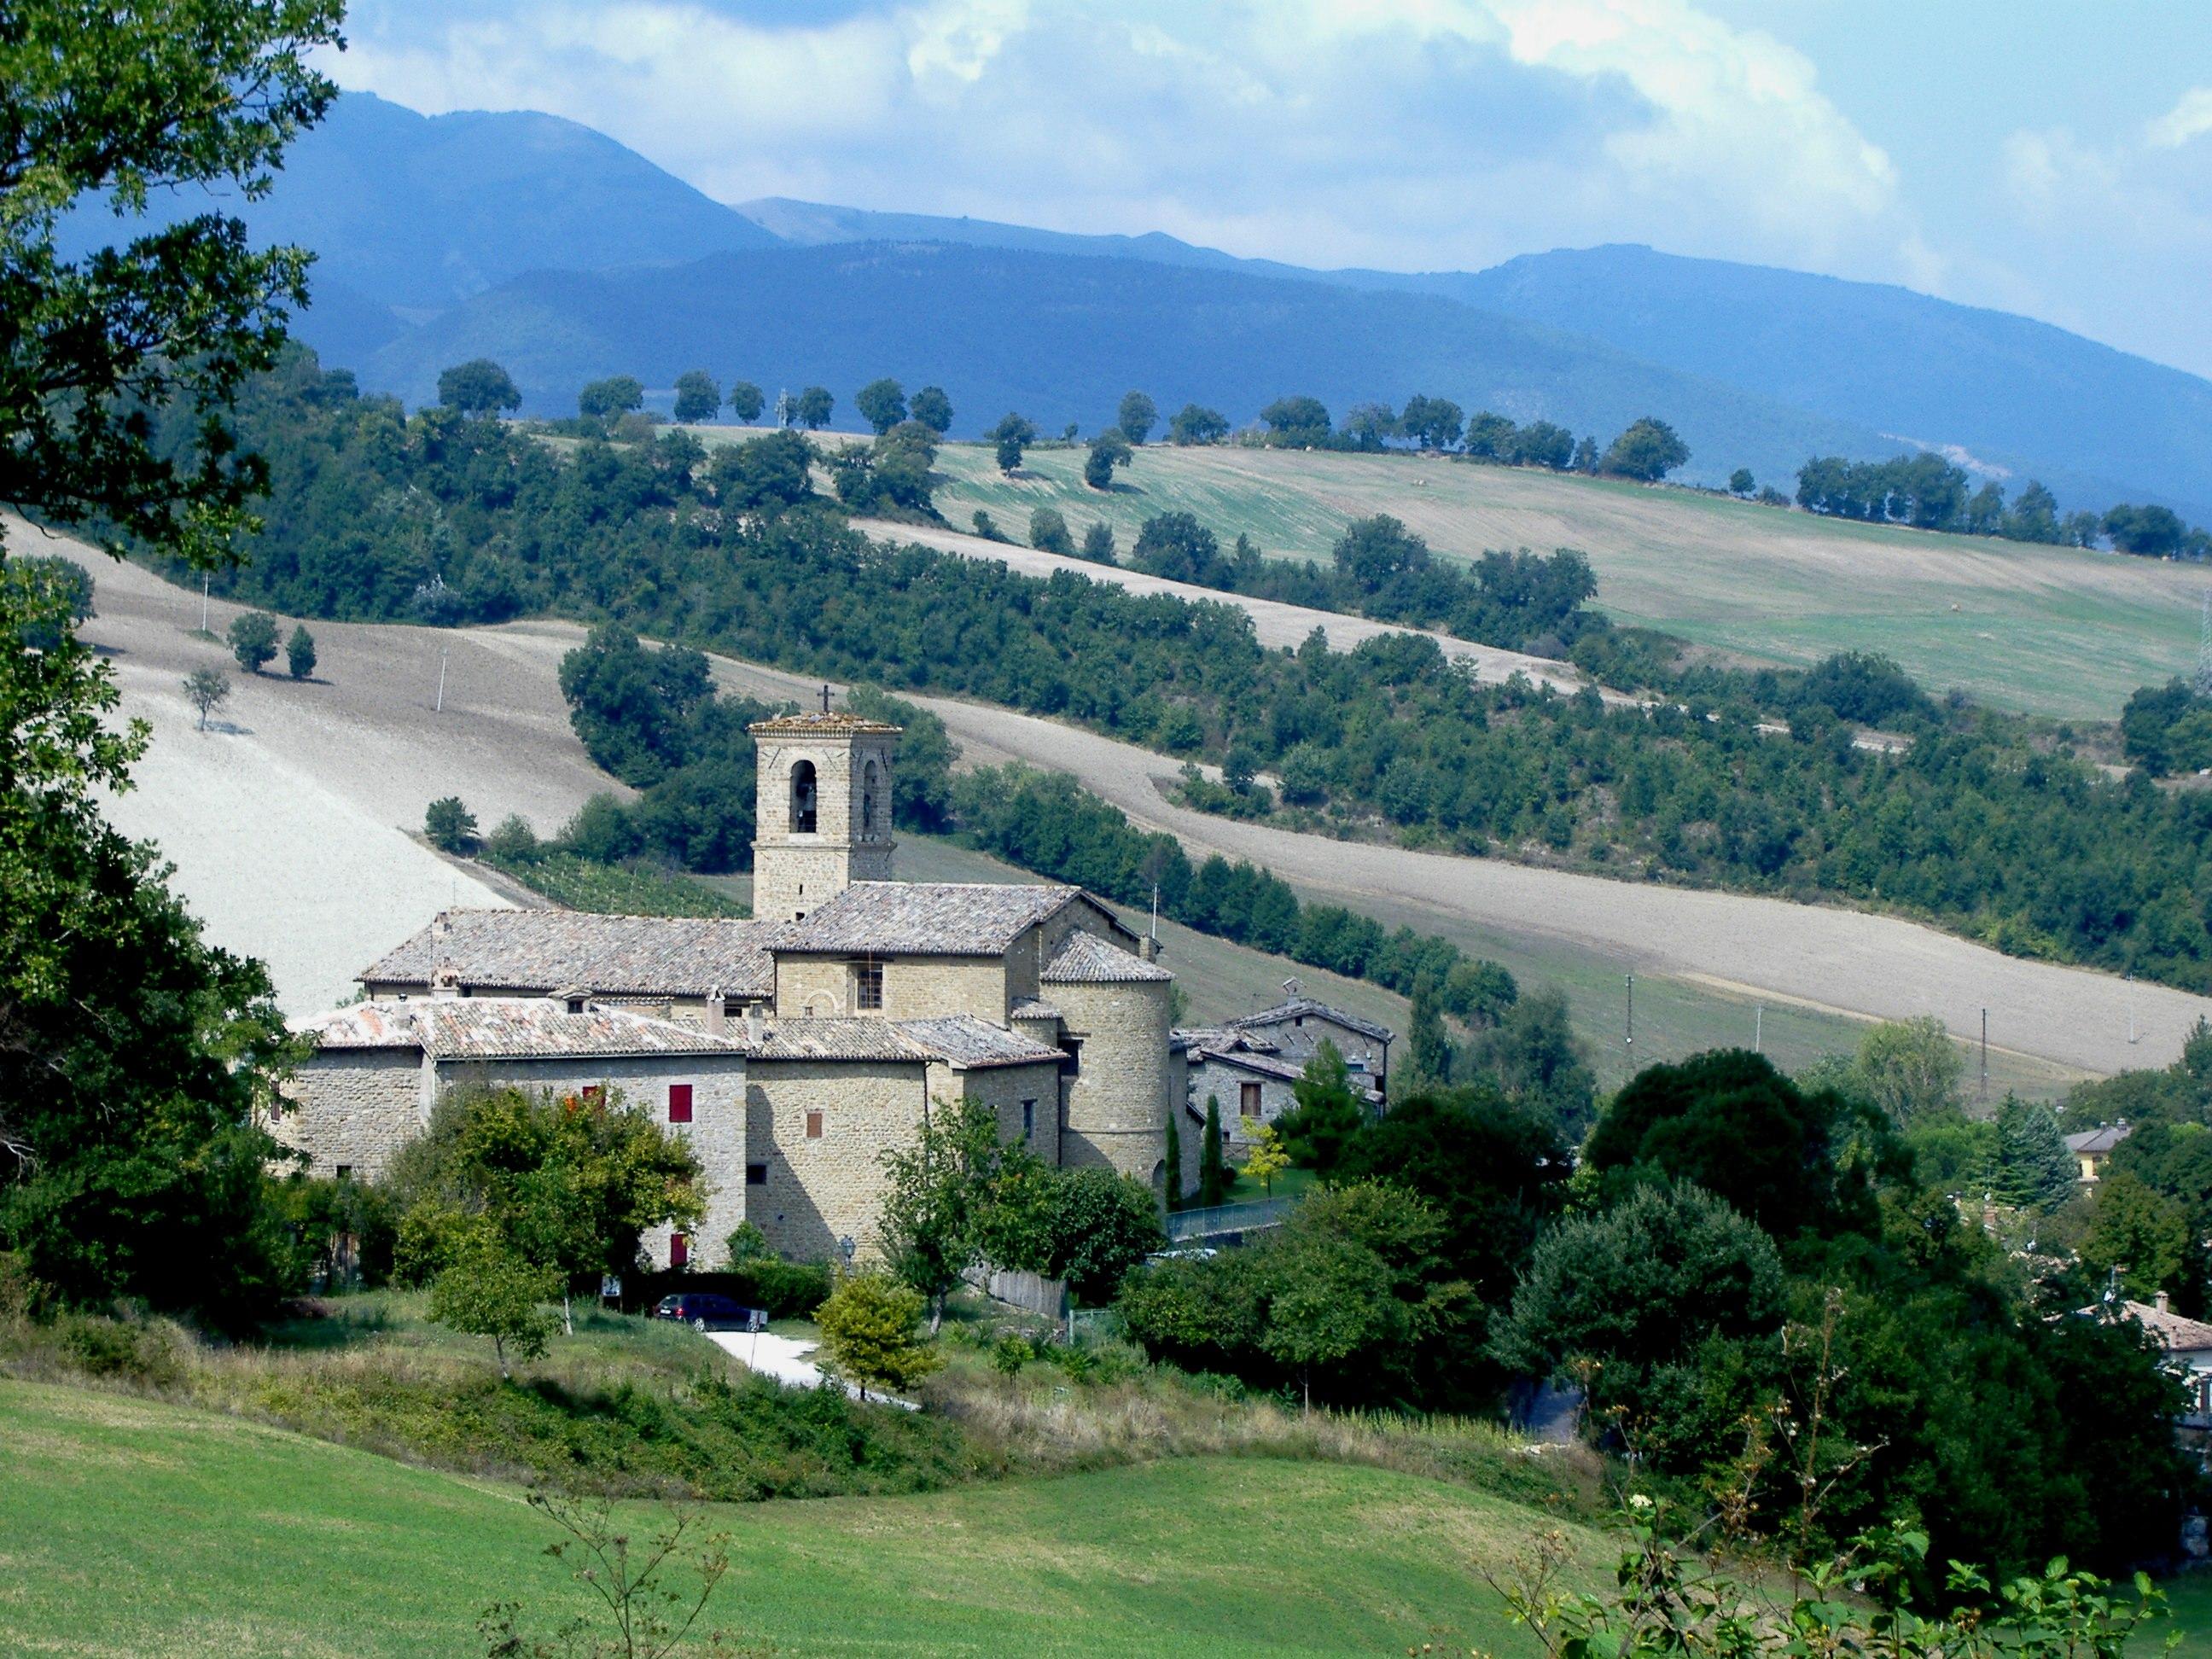 Castelraimondo Italy  city photo : castelraimondo | Travelling Italy with Lyn